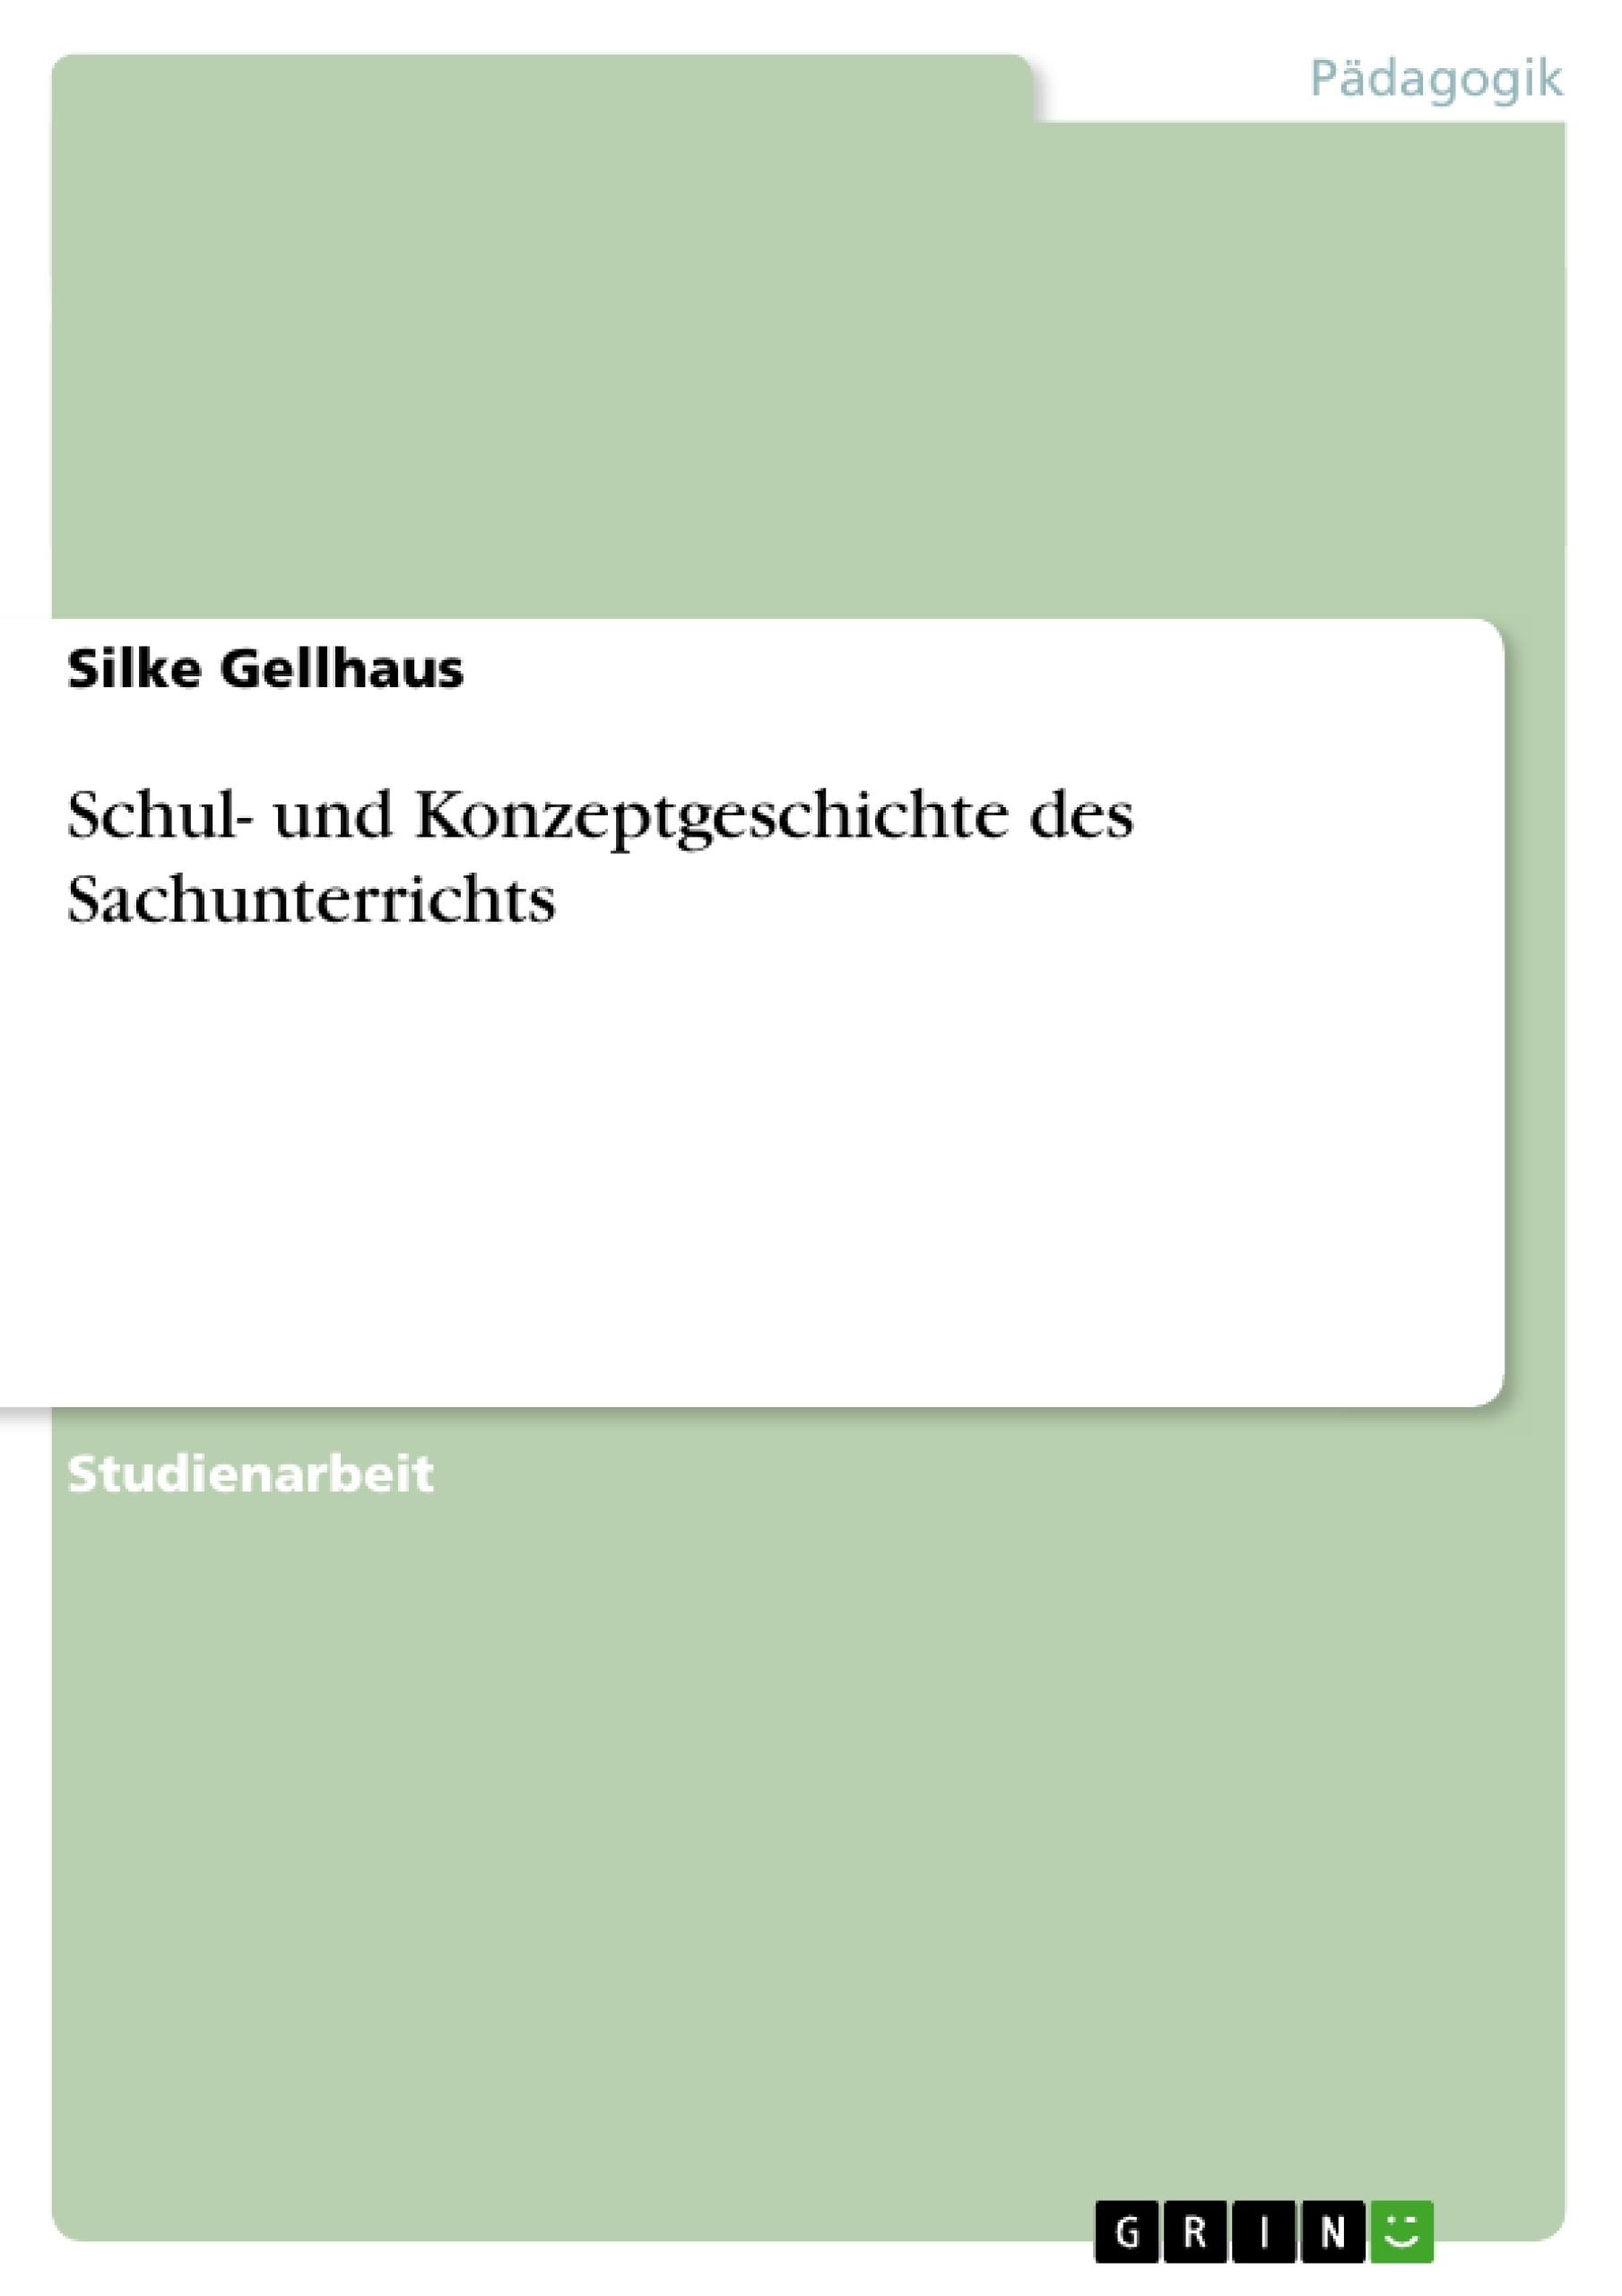 Titel: Schul- und Konzeptgeschichte des Sachunterrichts